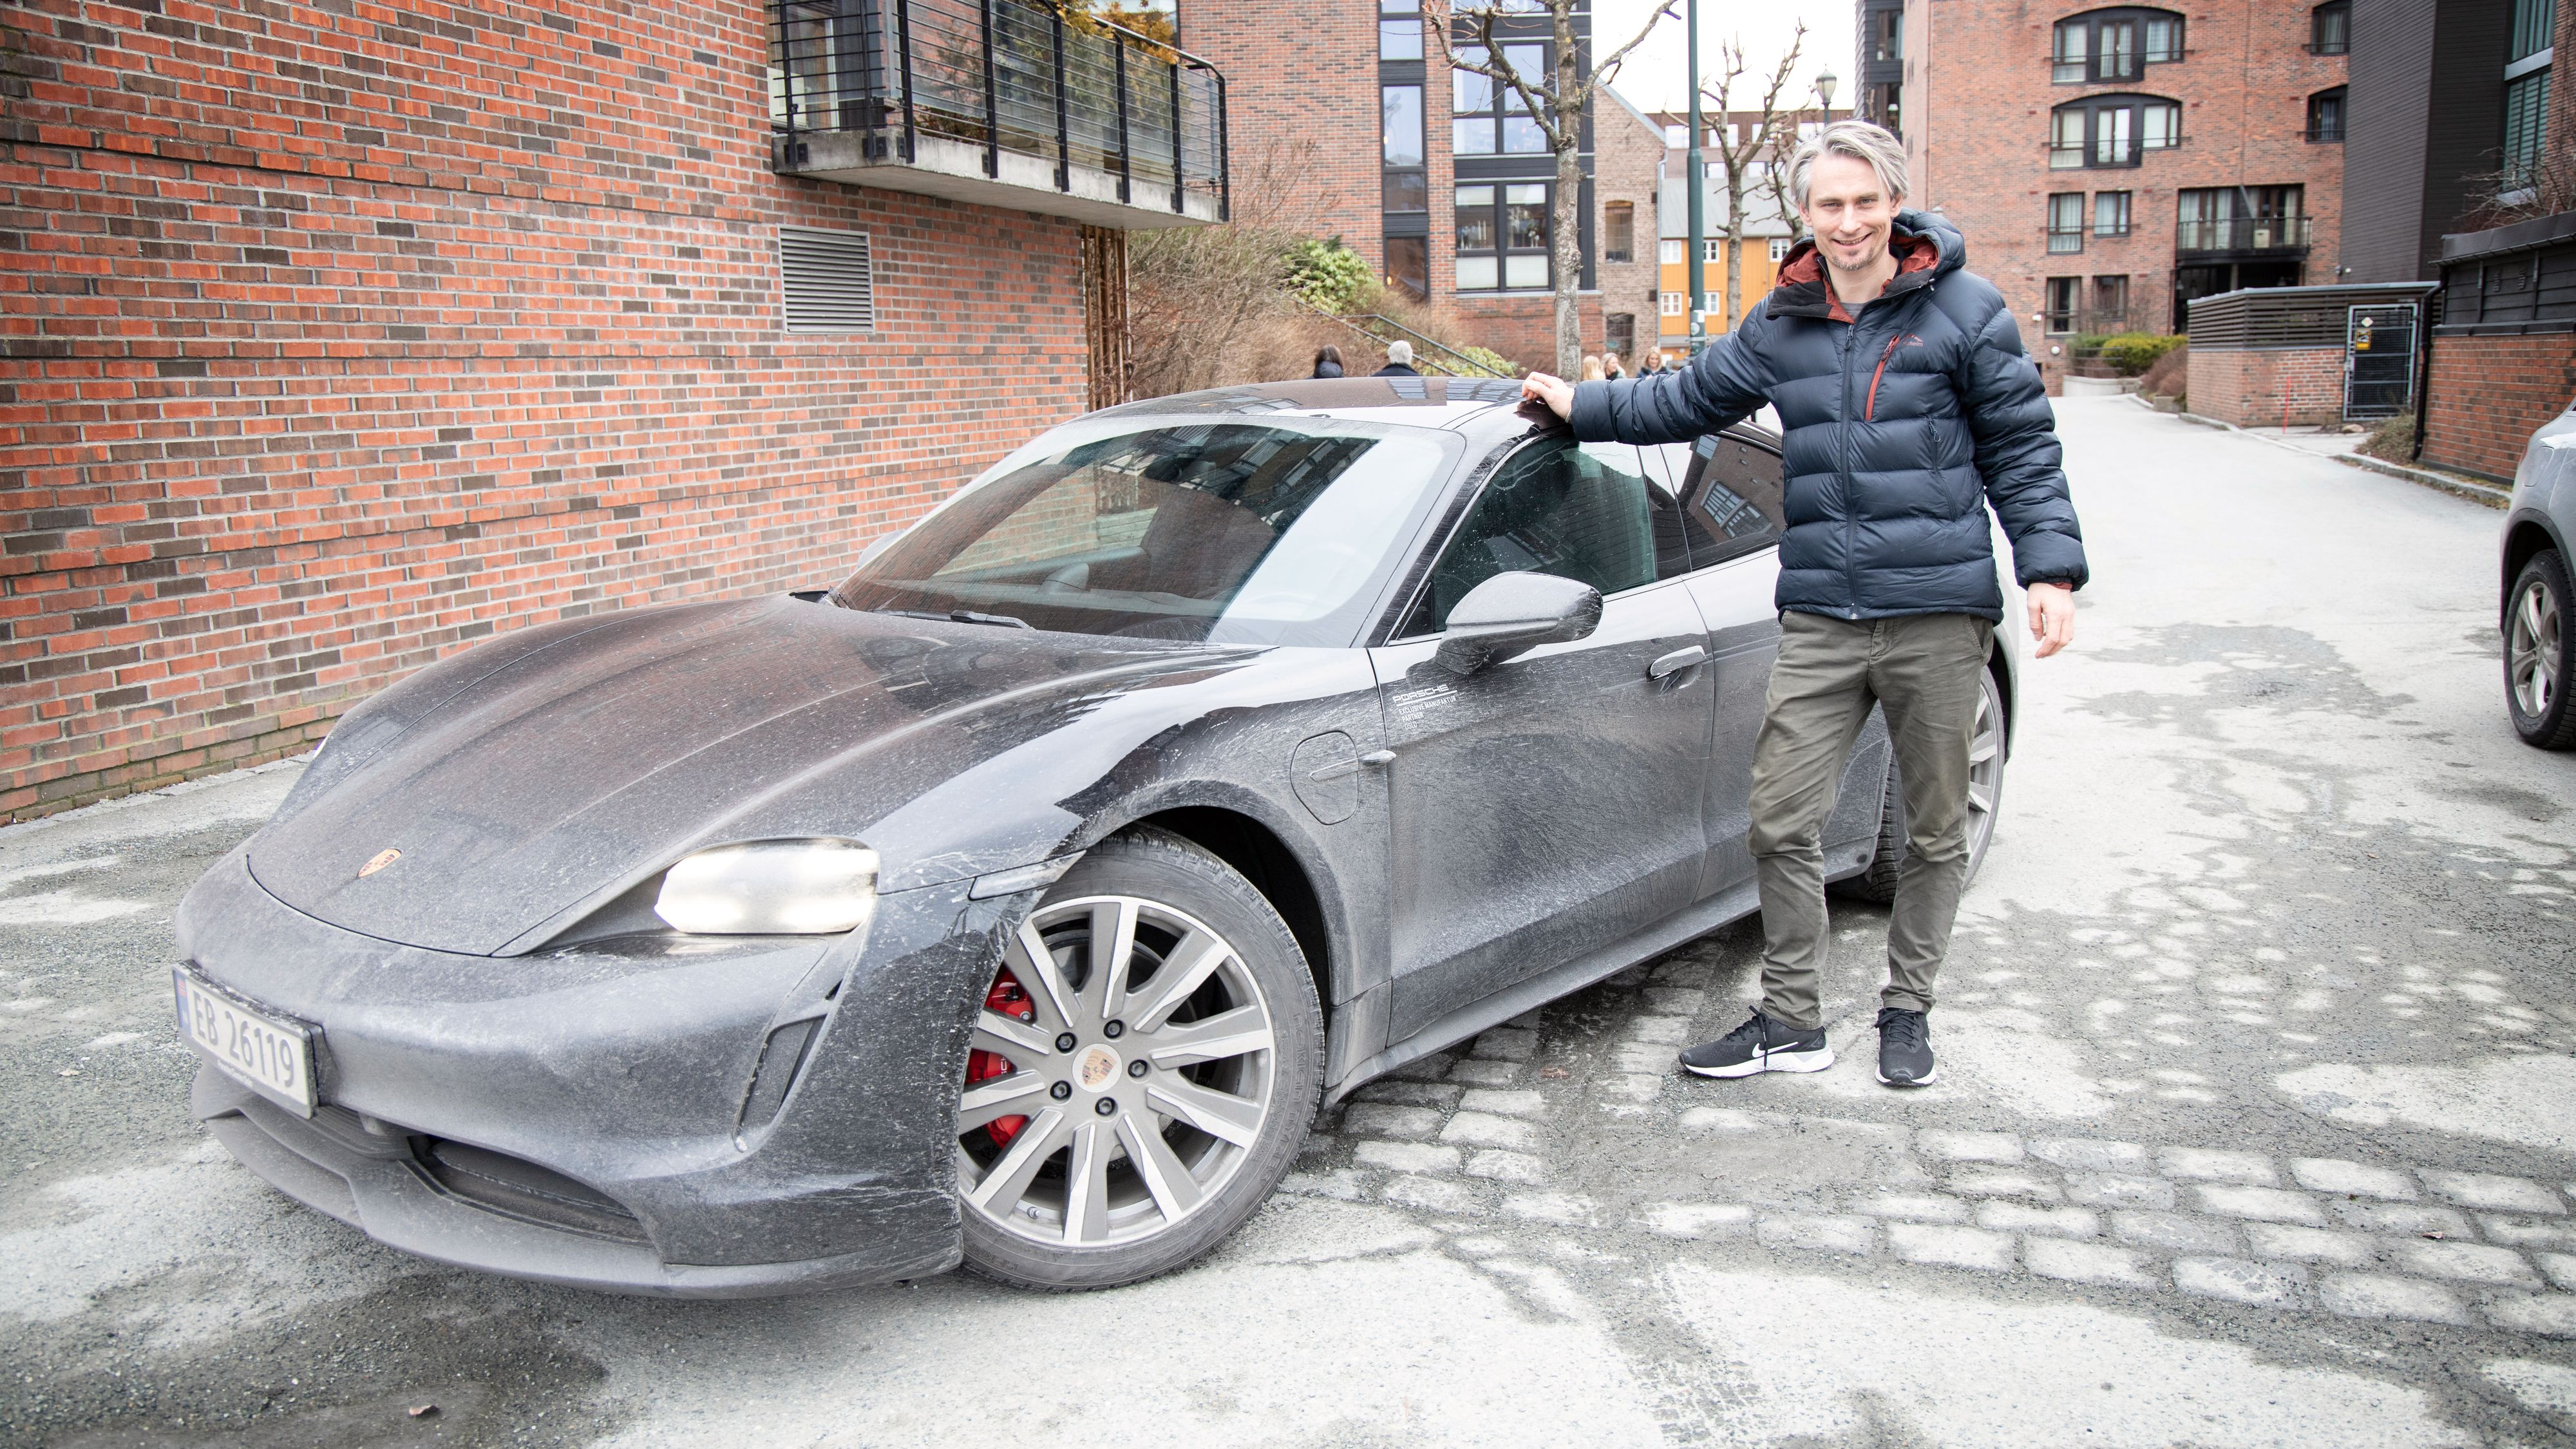 Porsche Norges administrerende direktør Morten Scheel kan se frem mot en tredobling av Porsches leveranser i Norge i 2020, takket være Taycan.